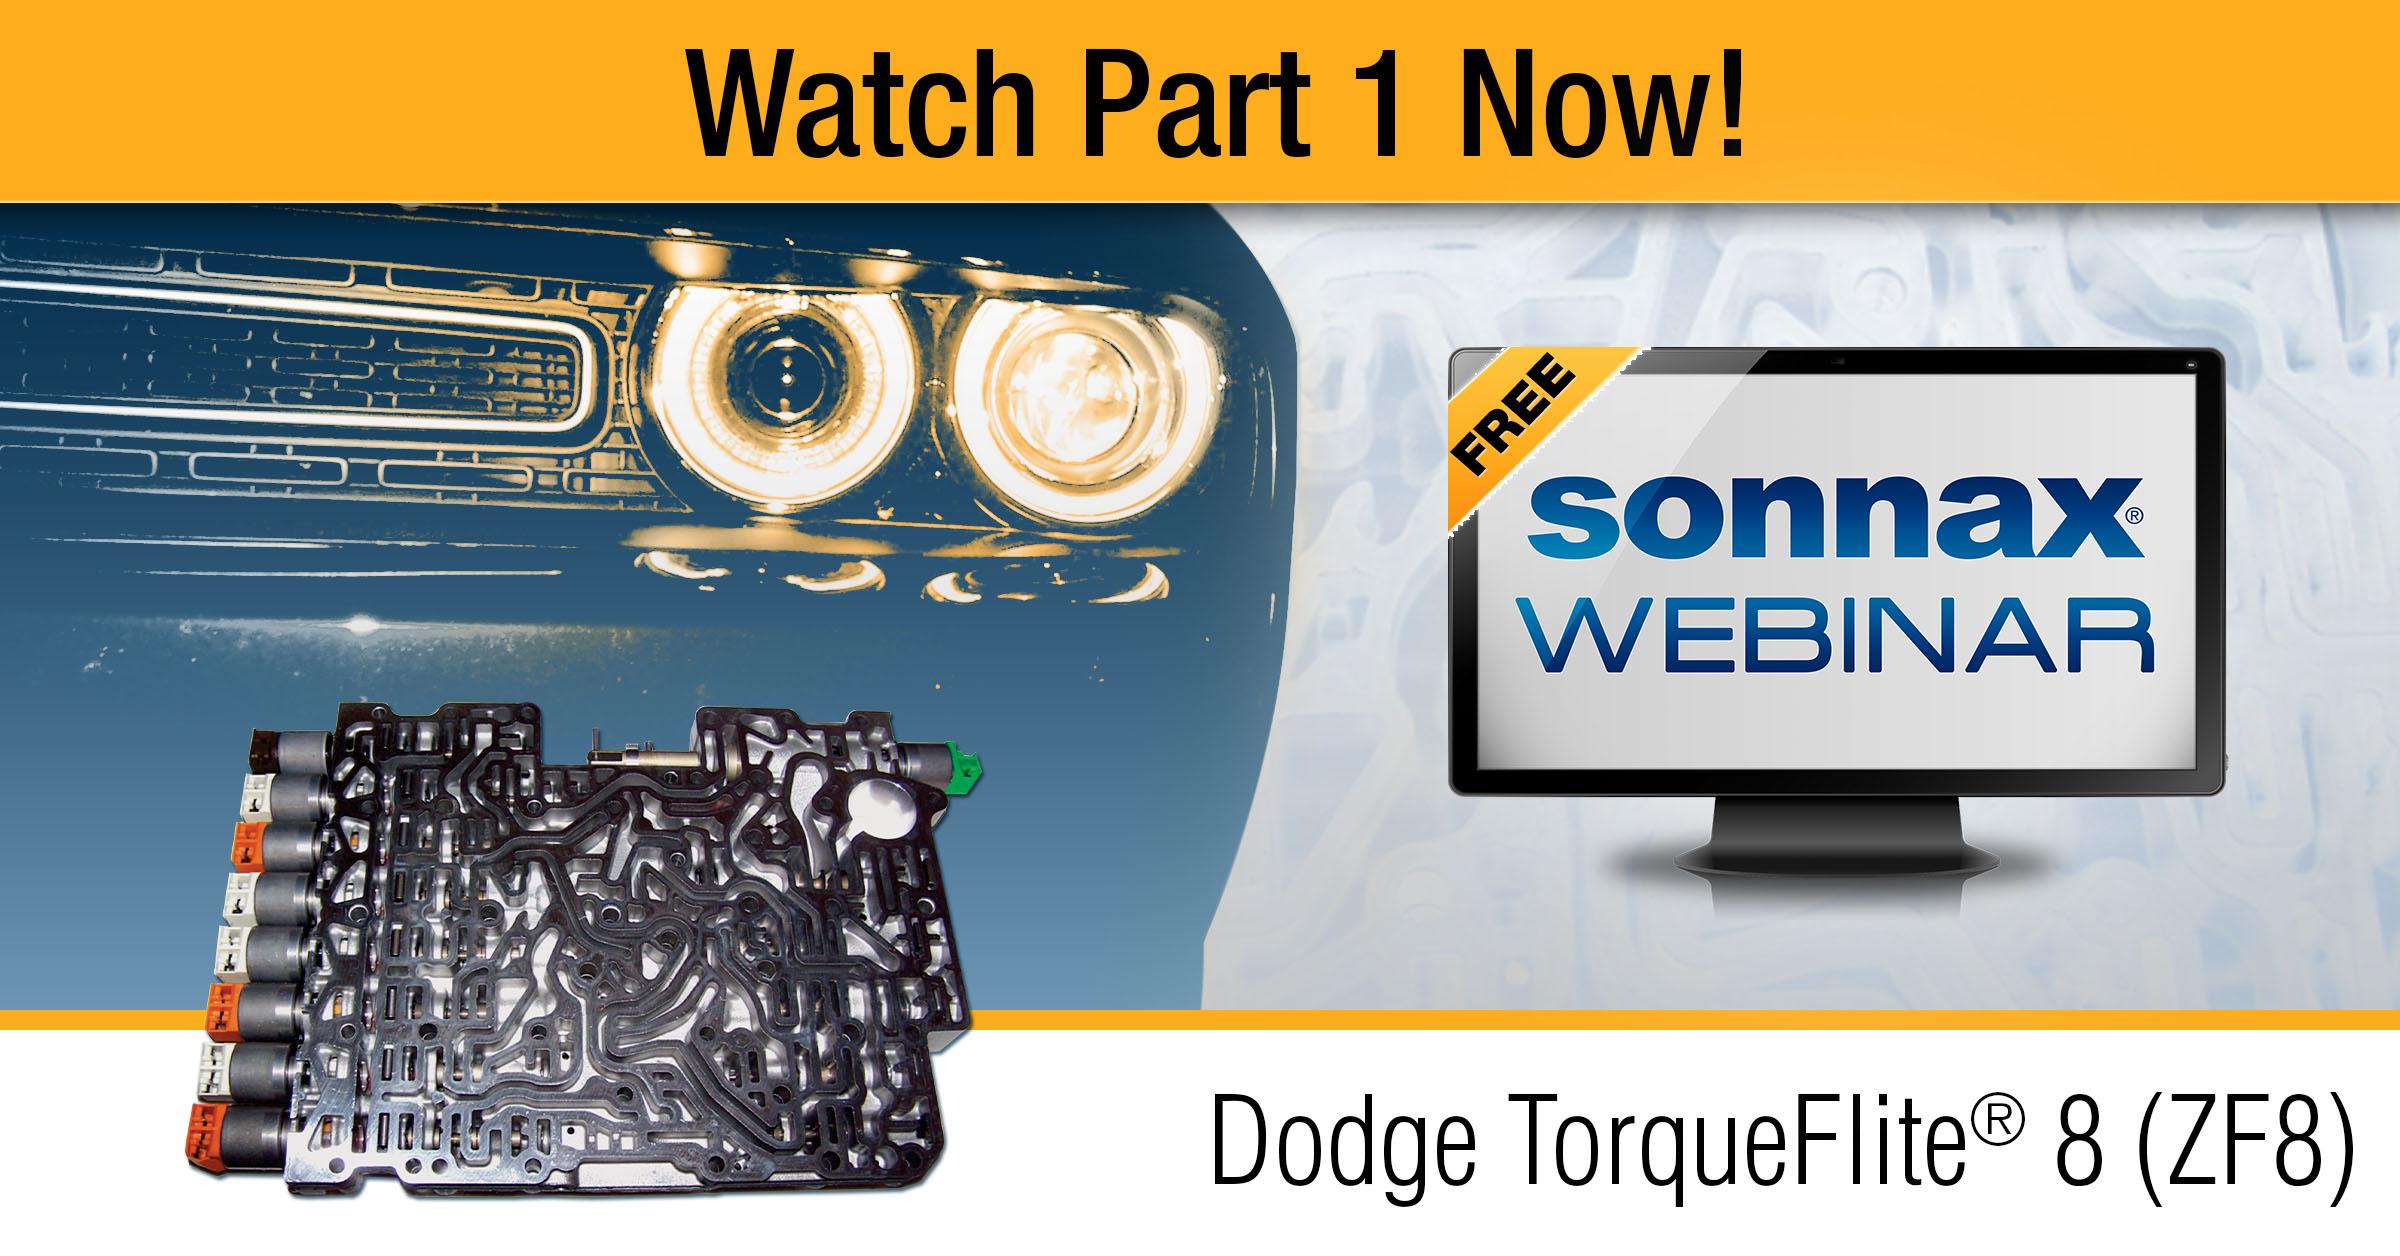 Dodgetorqueflite webinar slides released